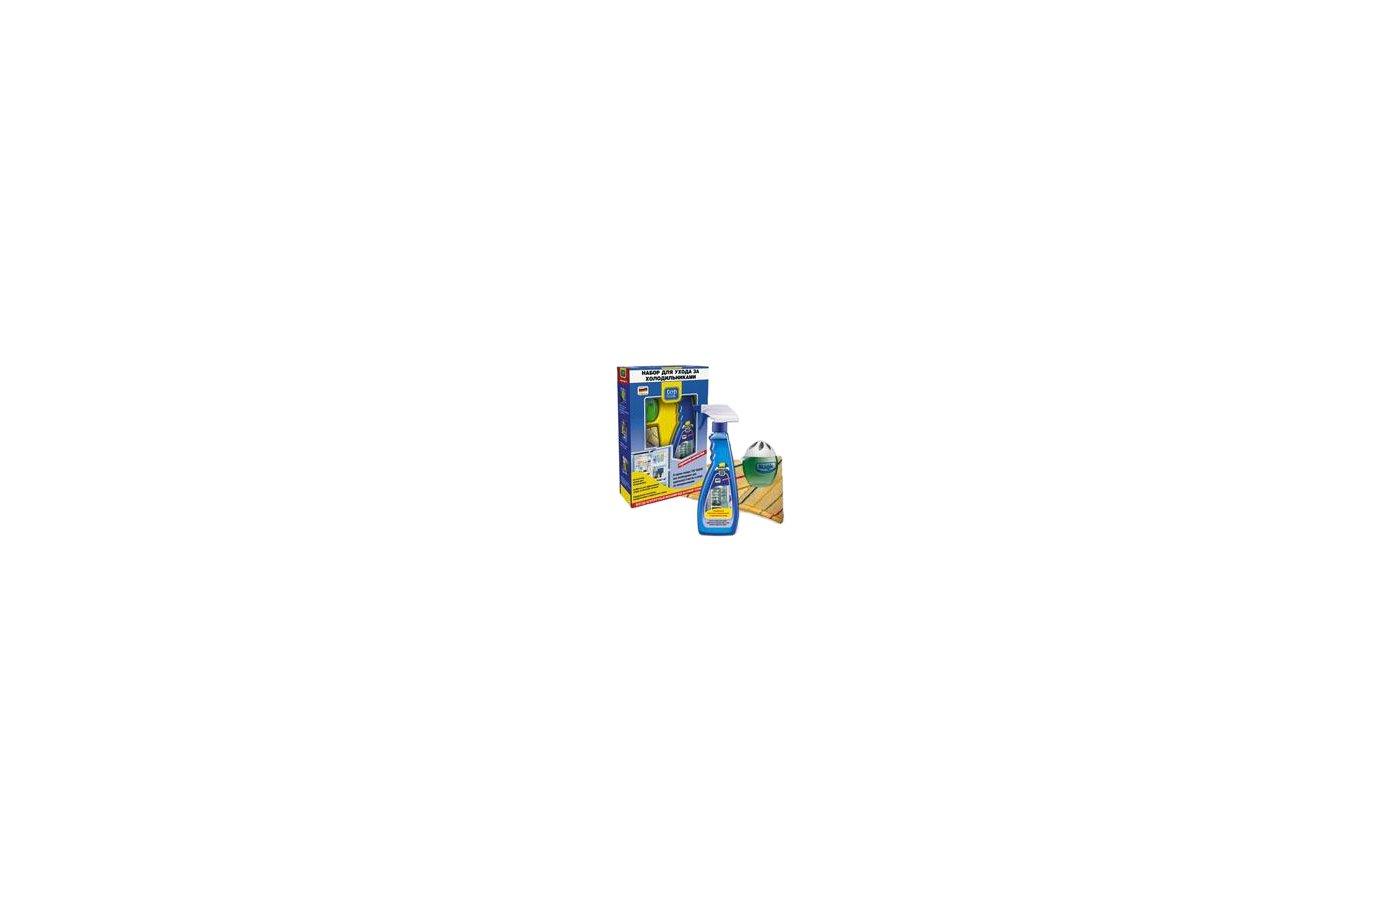 Аксессуар к холодильникам ТОП ХАУС Набор д/ухода за холодильниками 235503/235107